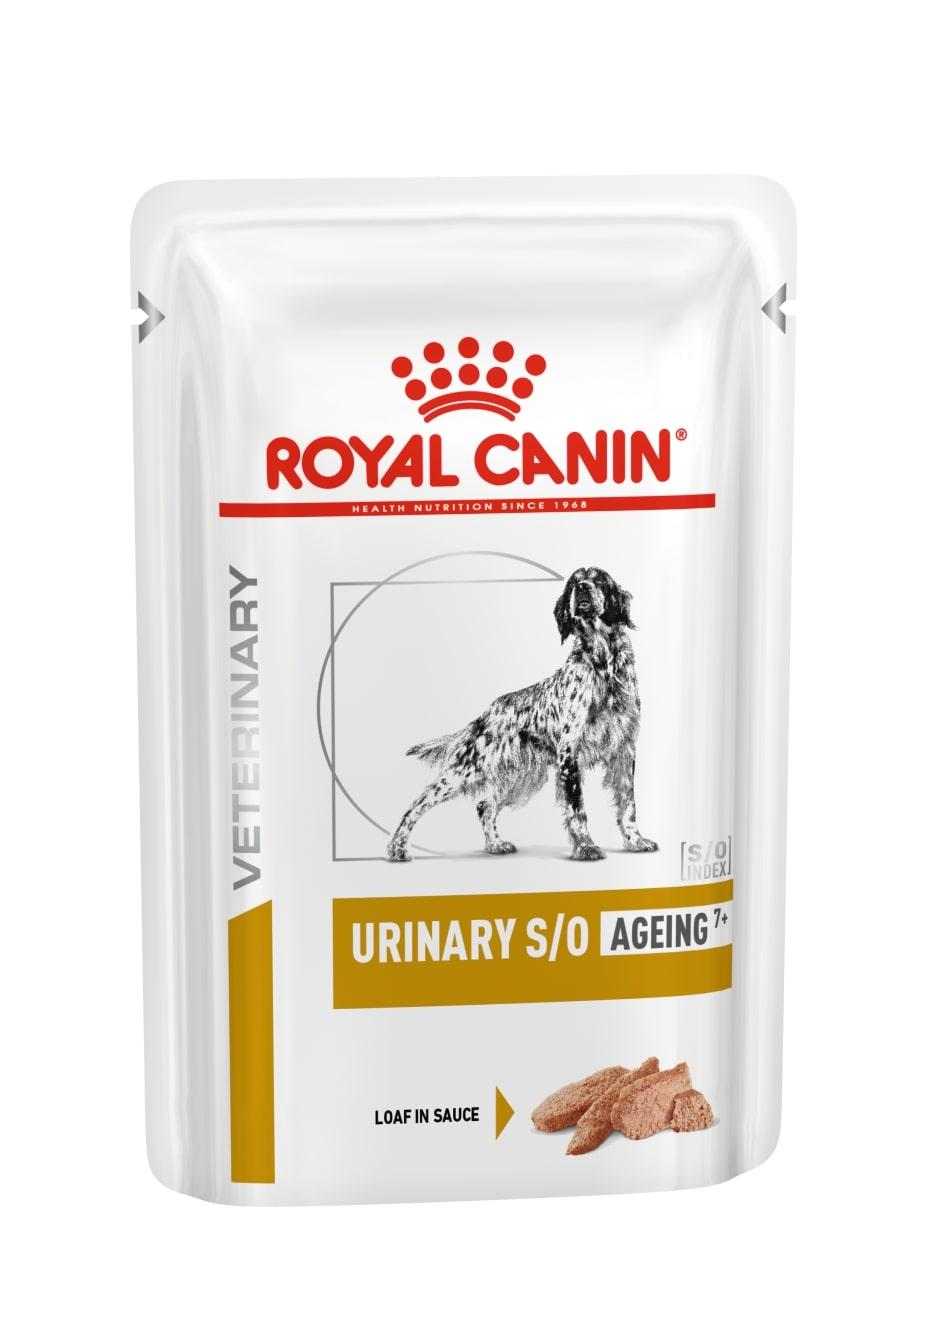 ROYAL CANINE URINARY S/O Ageing7 + – лікувальний вологий корм, паштет у соусі, для собак старше 7 років при захворюваннях сечовивідних шляхів